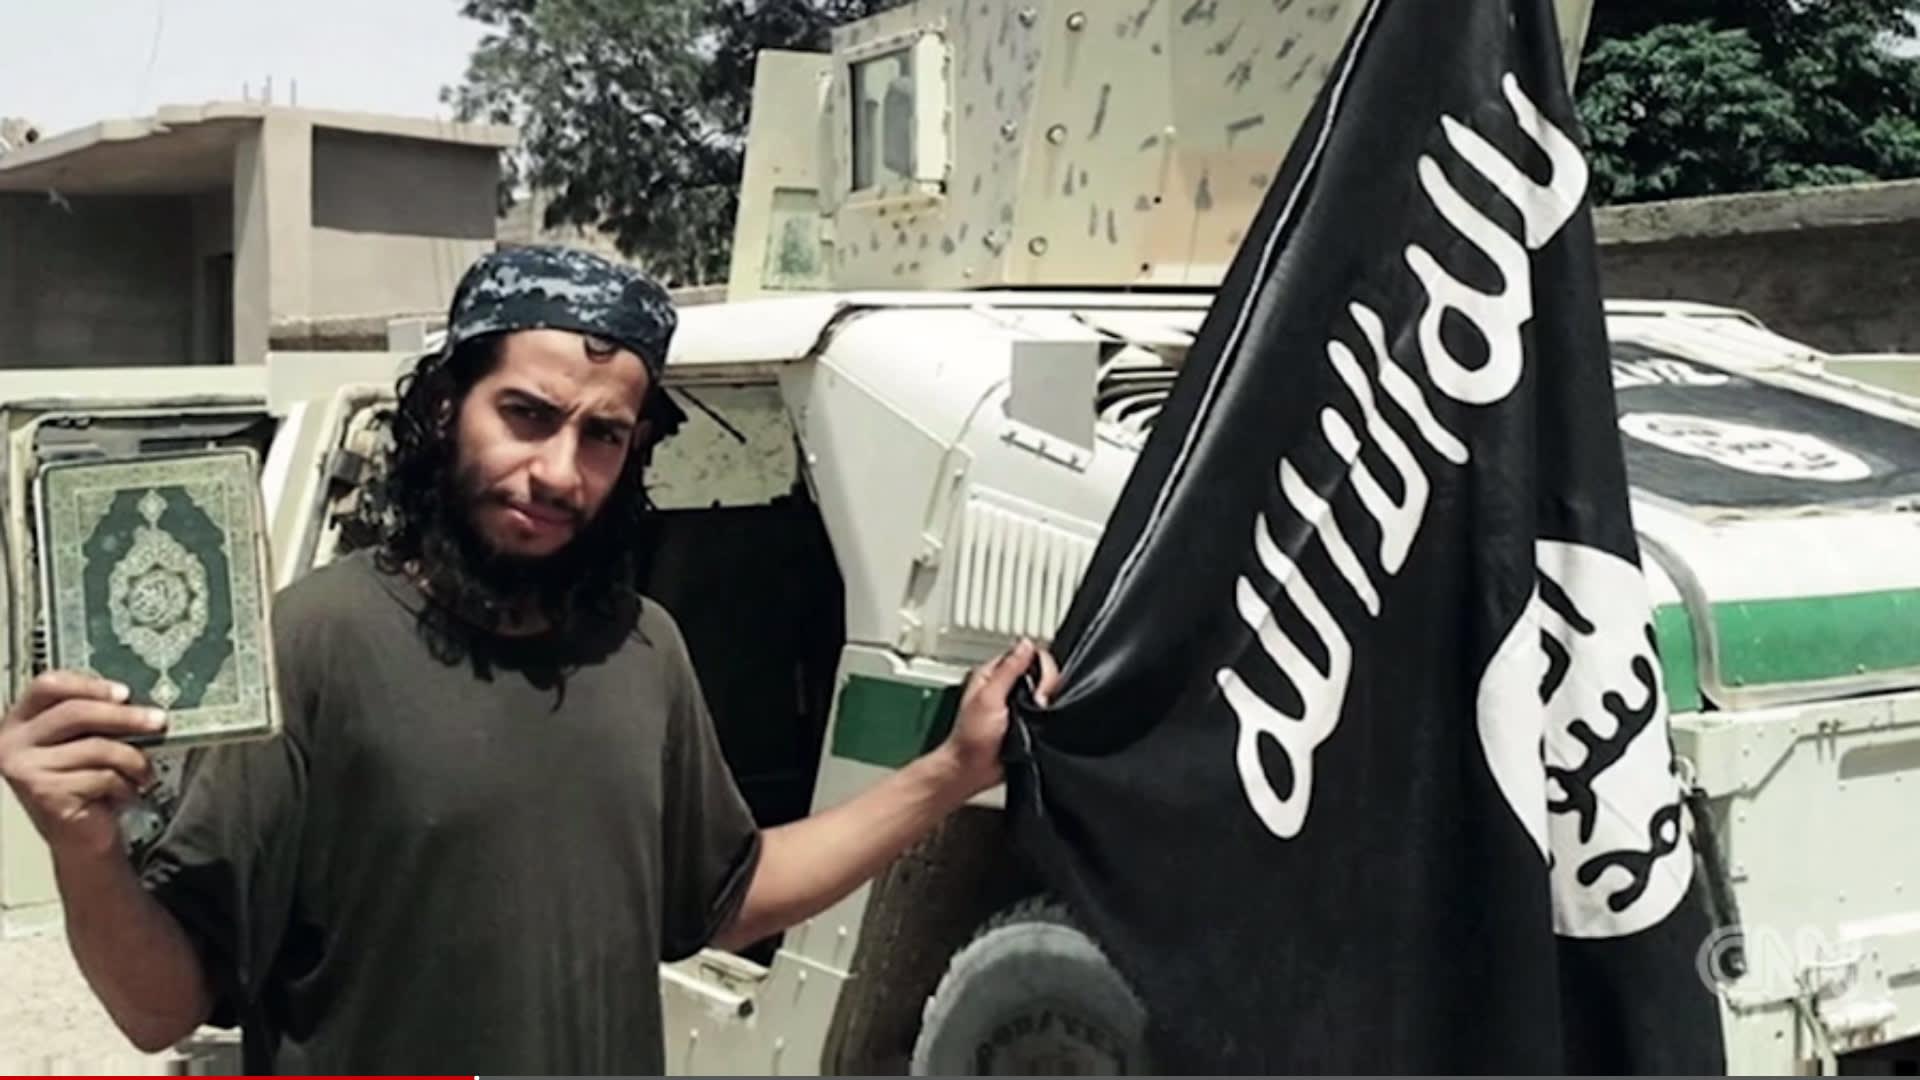 مصدر: أباعود وعد حسناء بنحو 5 آلاف دولار لشراء ملابس كان يعتزم ارتداءها بهجوم لاحق